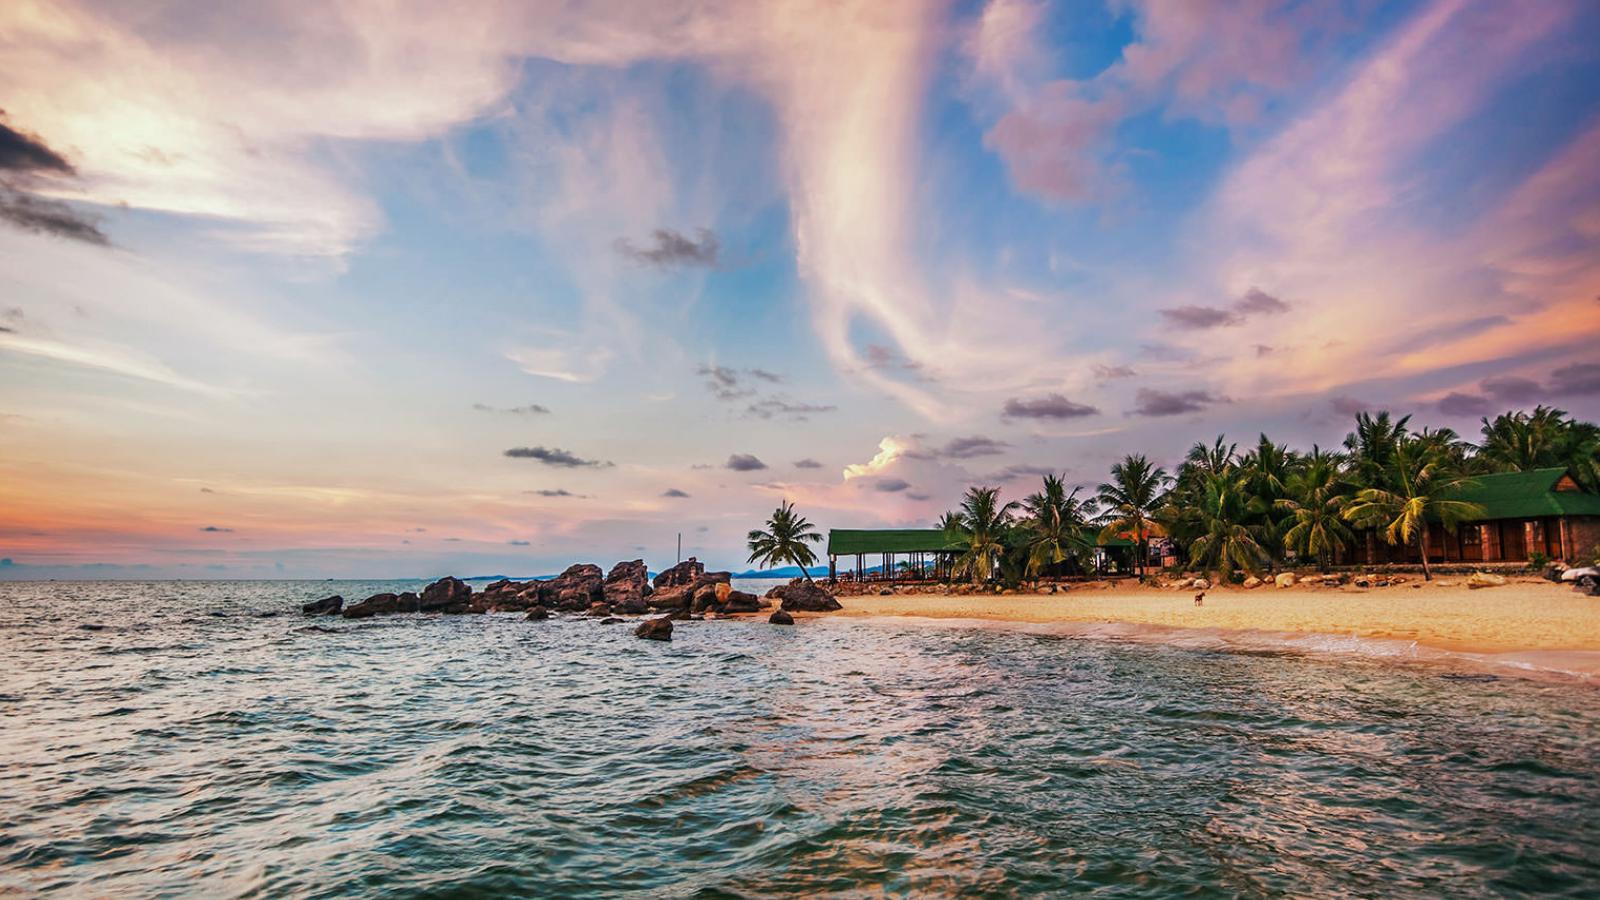 Đảo Phú Quốc hòn ngọc biển đông